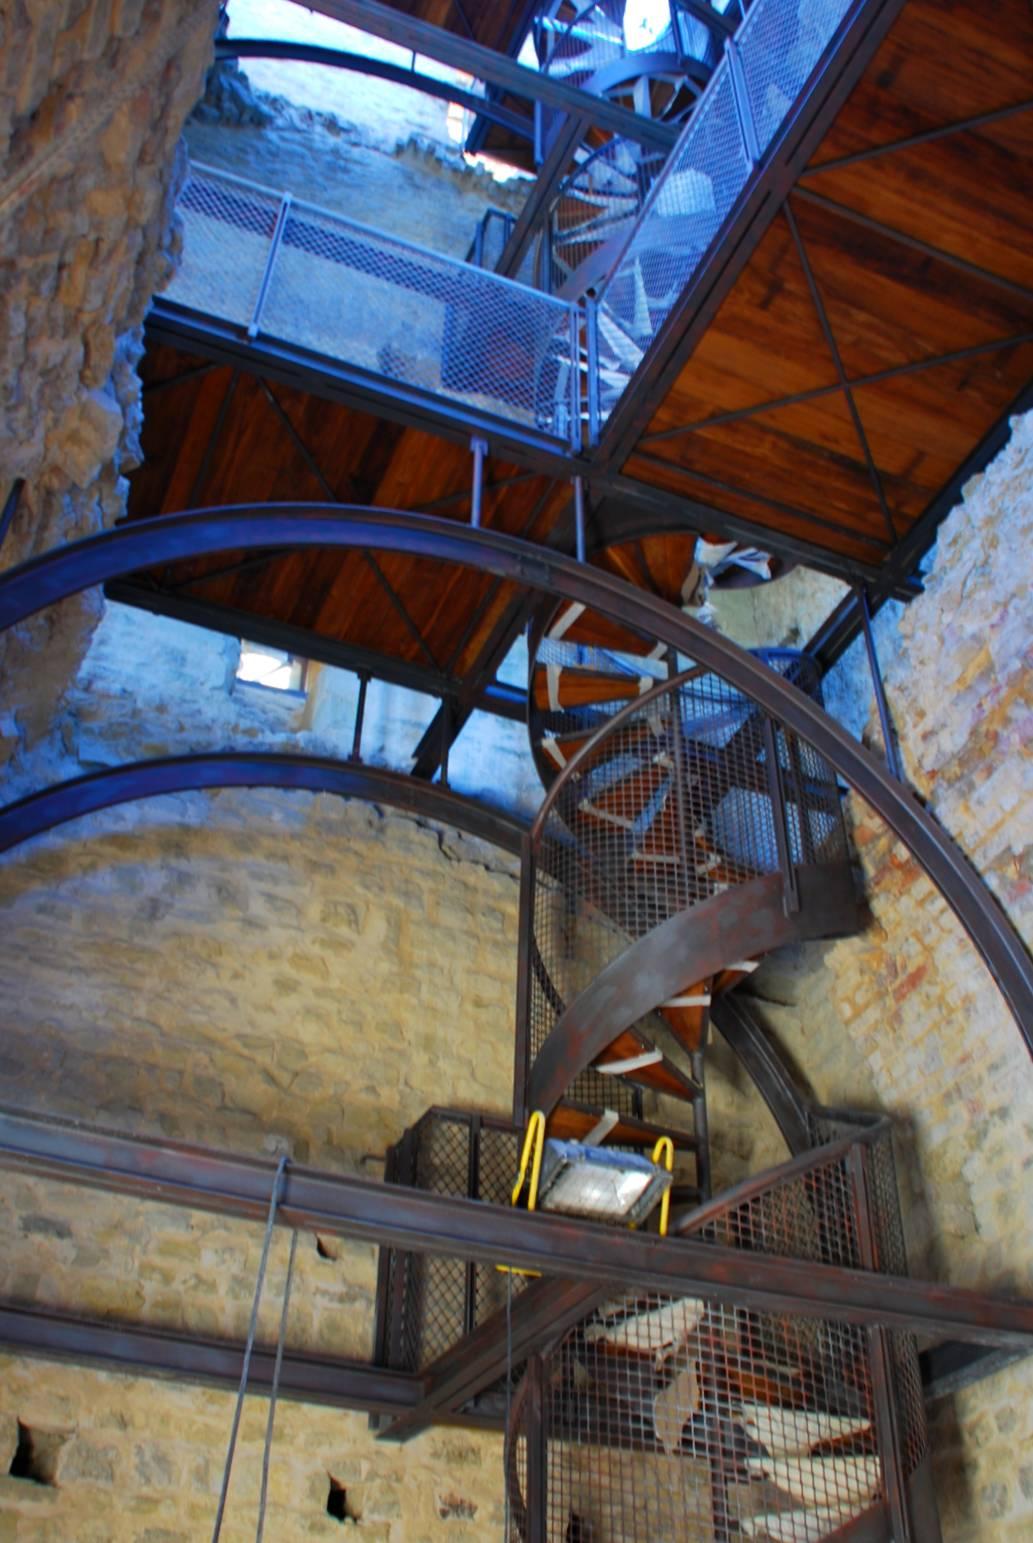 Restauro e consolidamento di una torre medievale, rifacimento di nuovo accesso alla copertura e realizzazione scala a chiocciola - ITON SRL